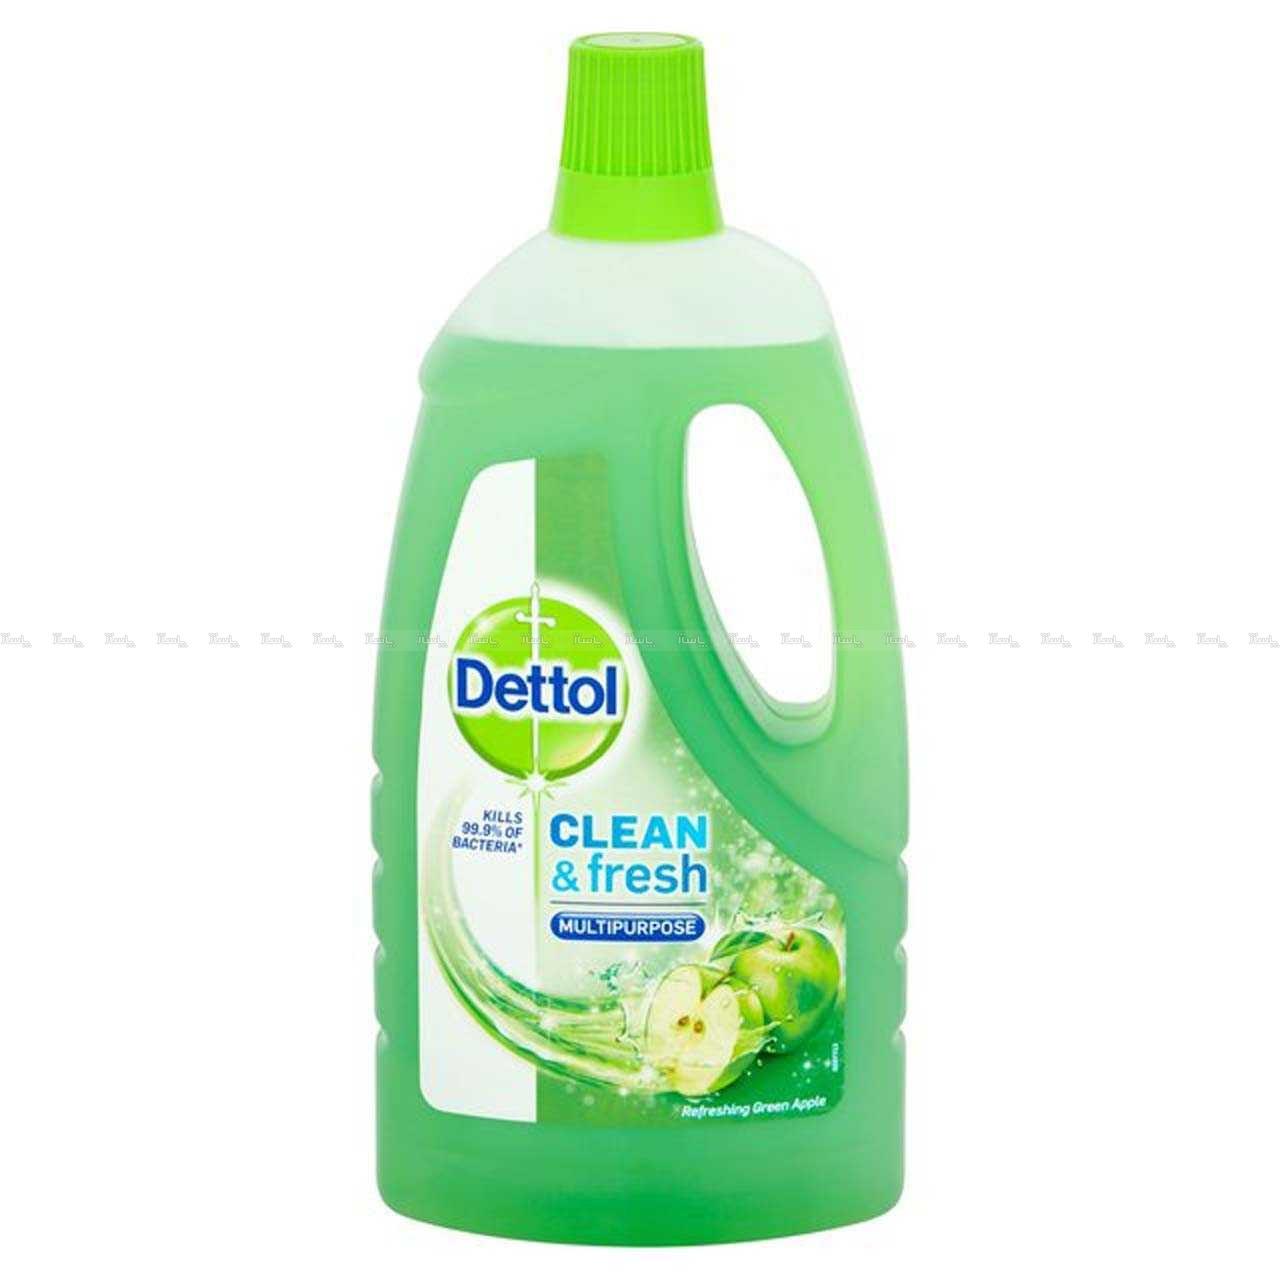 پاک کننده همه منظوره سیب سبز دتول Dettol-تصویر اصلی